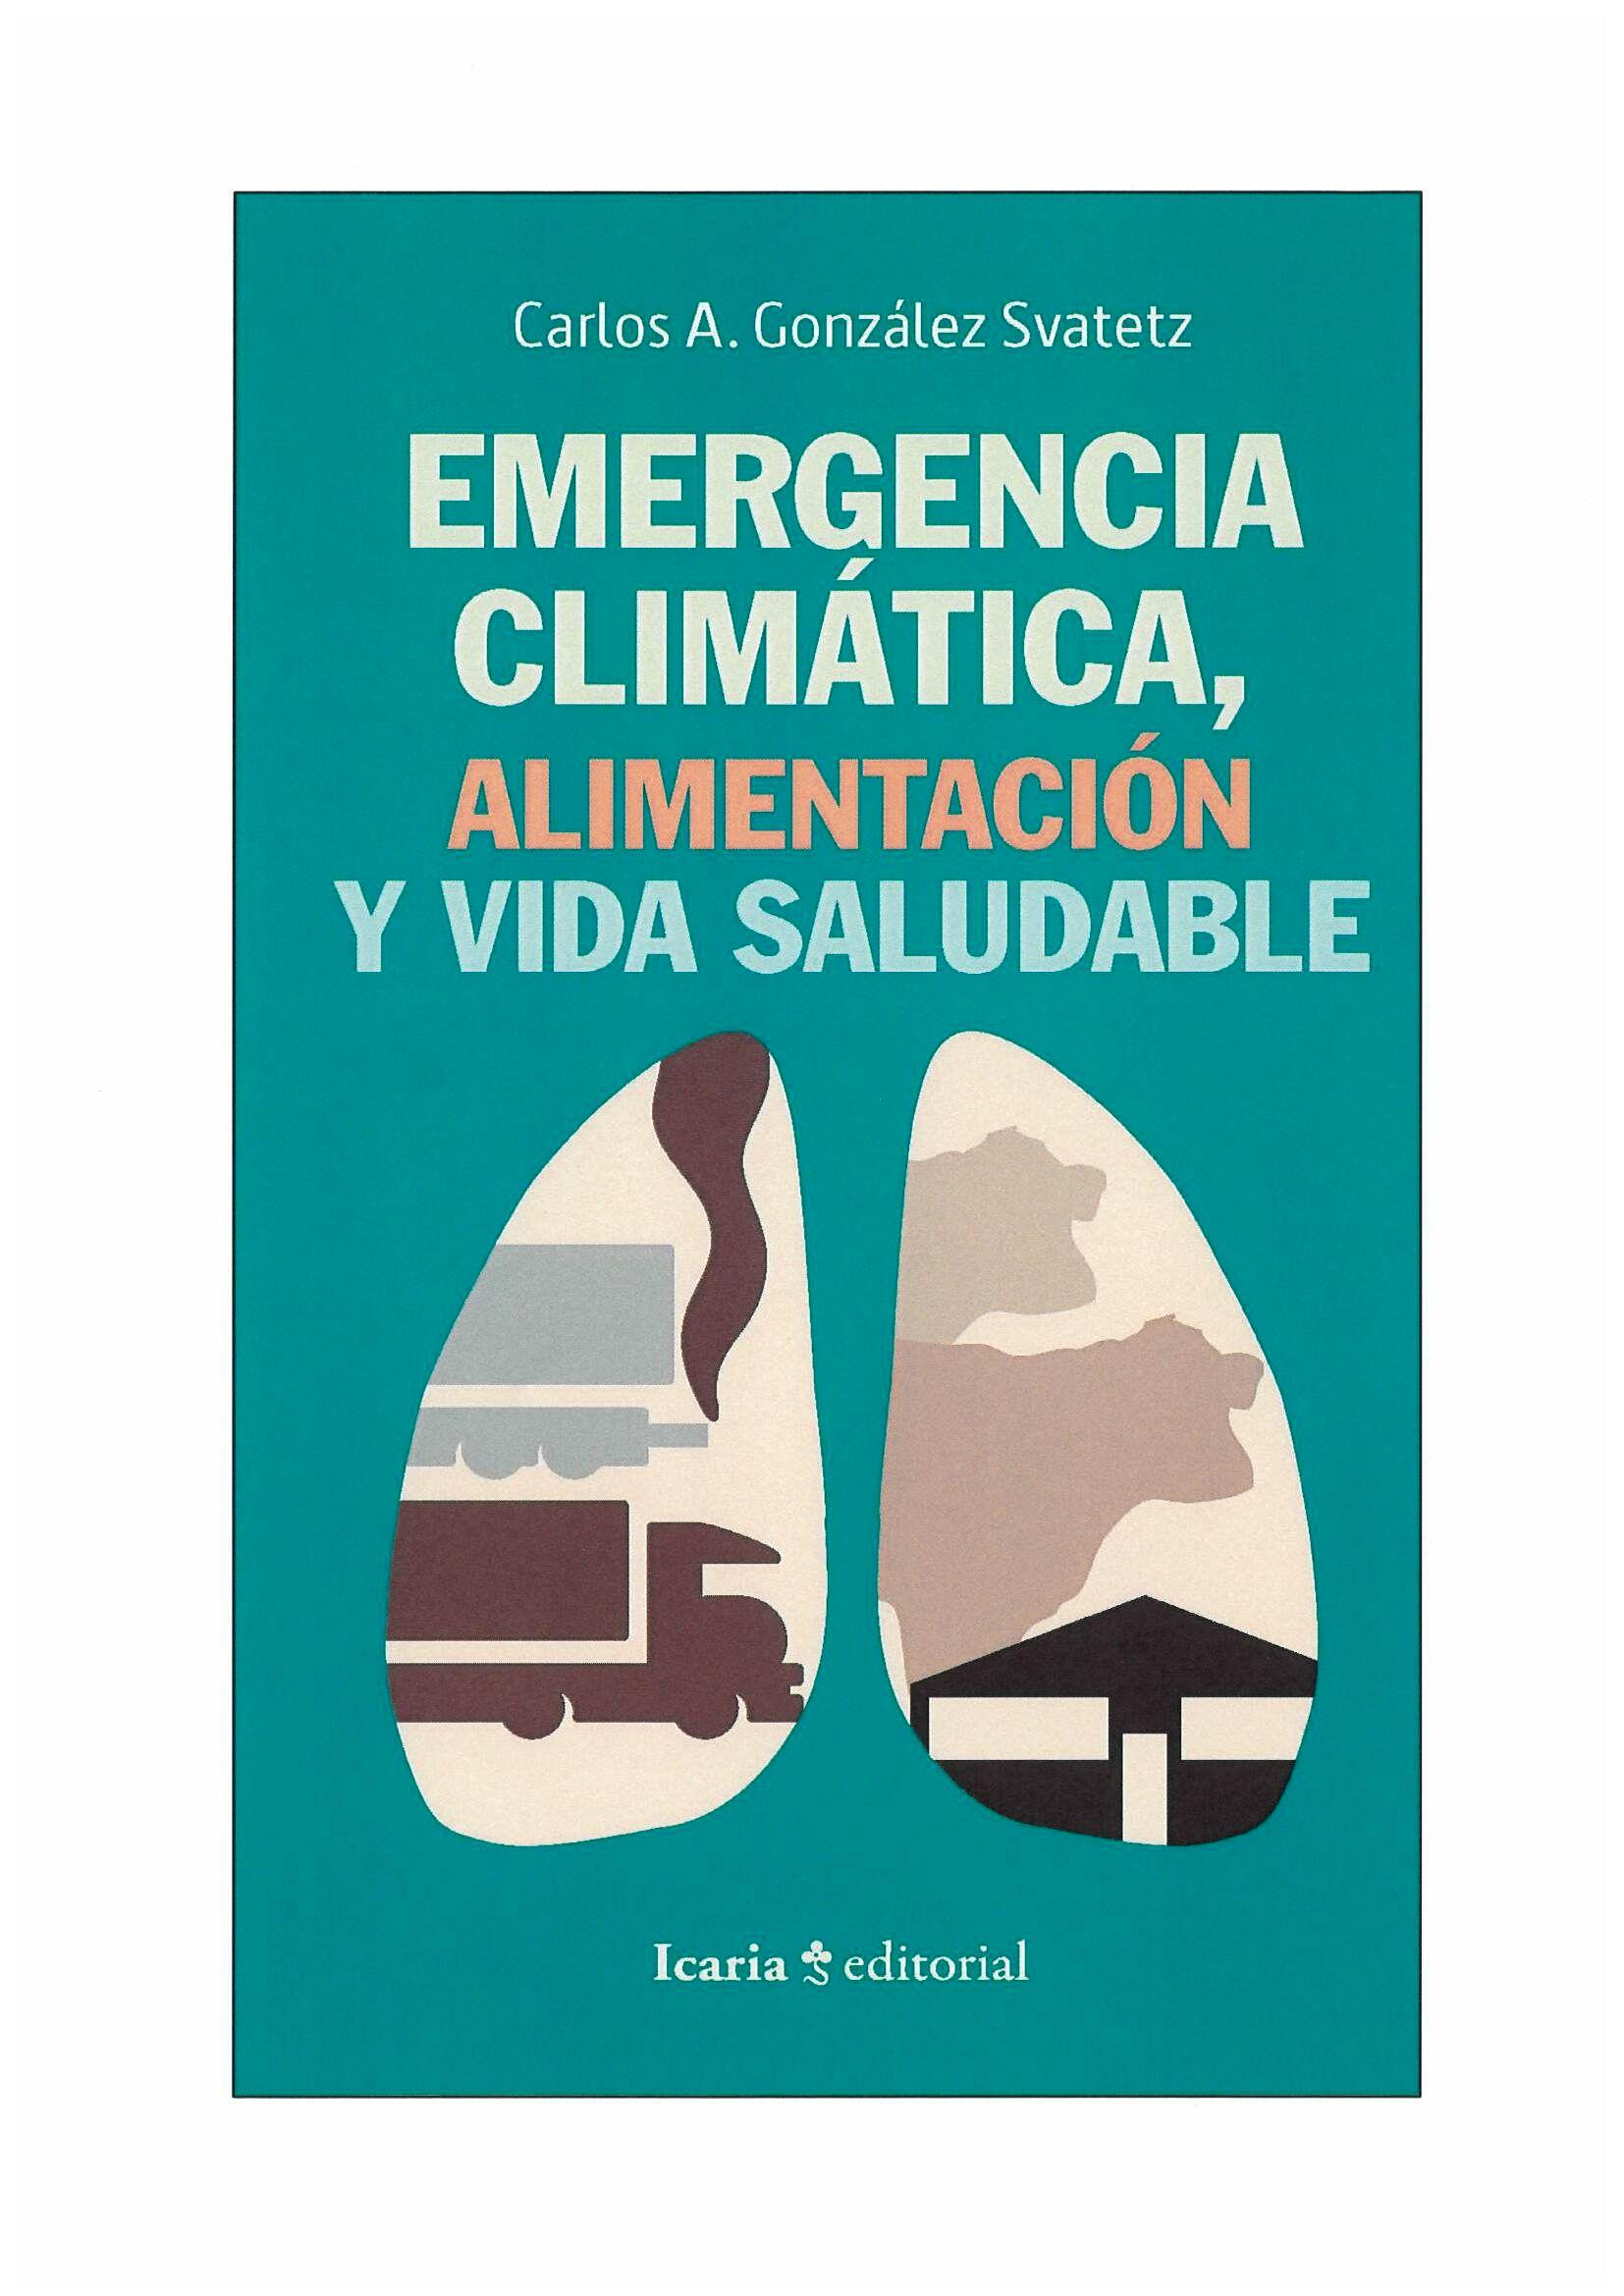 EMERGENCIA CLIMATICA ALIMENTACION Y VIDA SALUDABLE